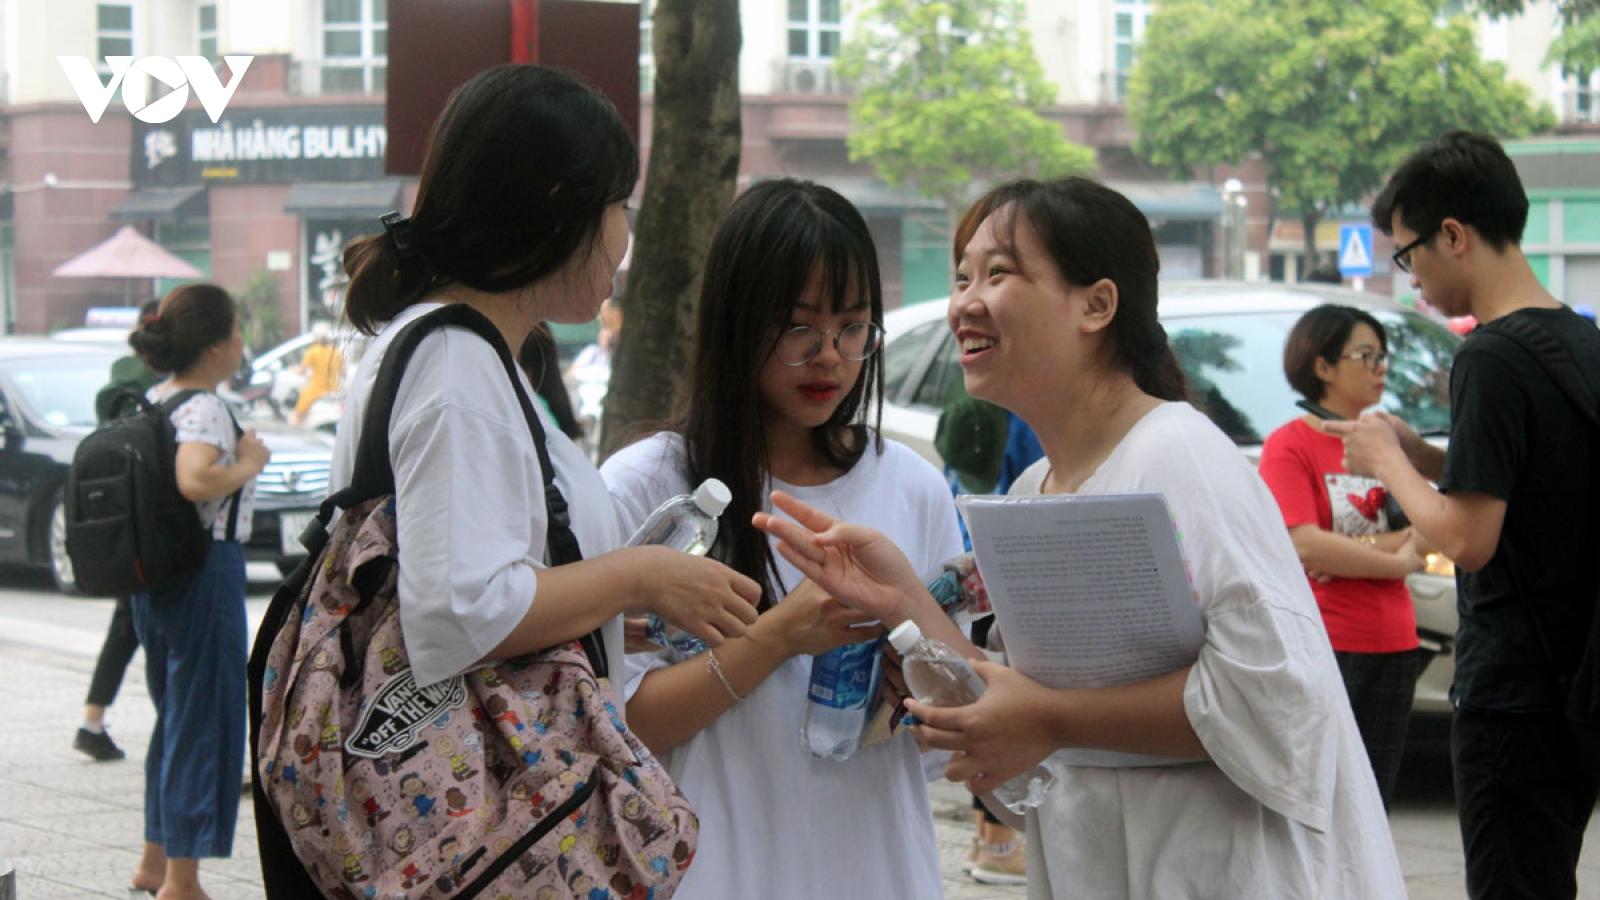 Hà Nội vẫn giữ nguyên phương án tuyển sinh vào lớp 10 như đã công bố